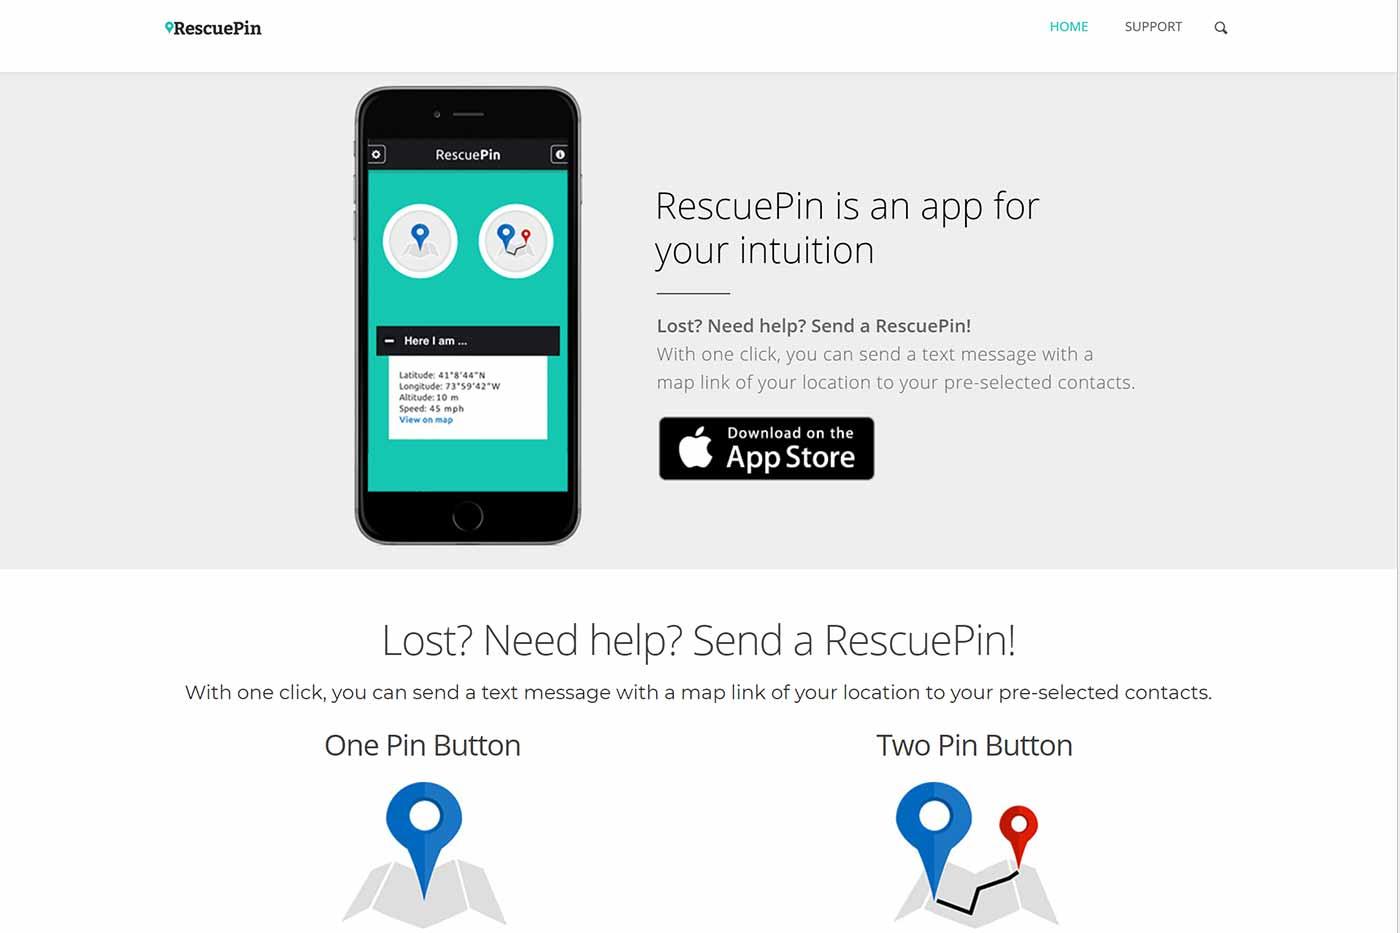 RescuePin